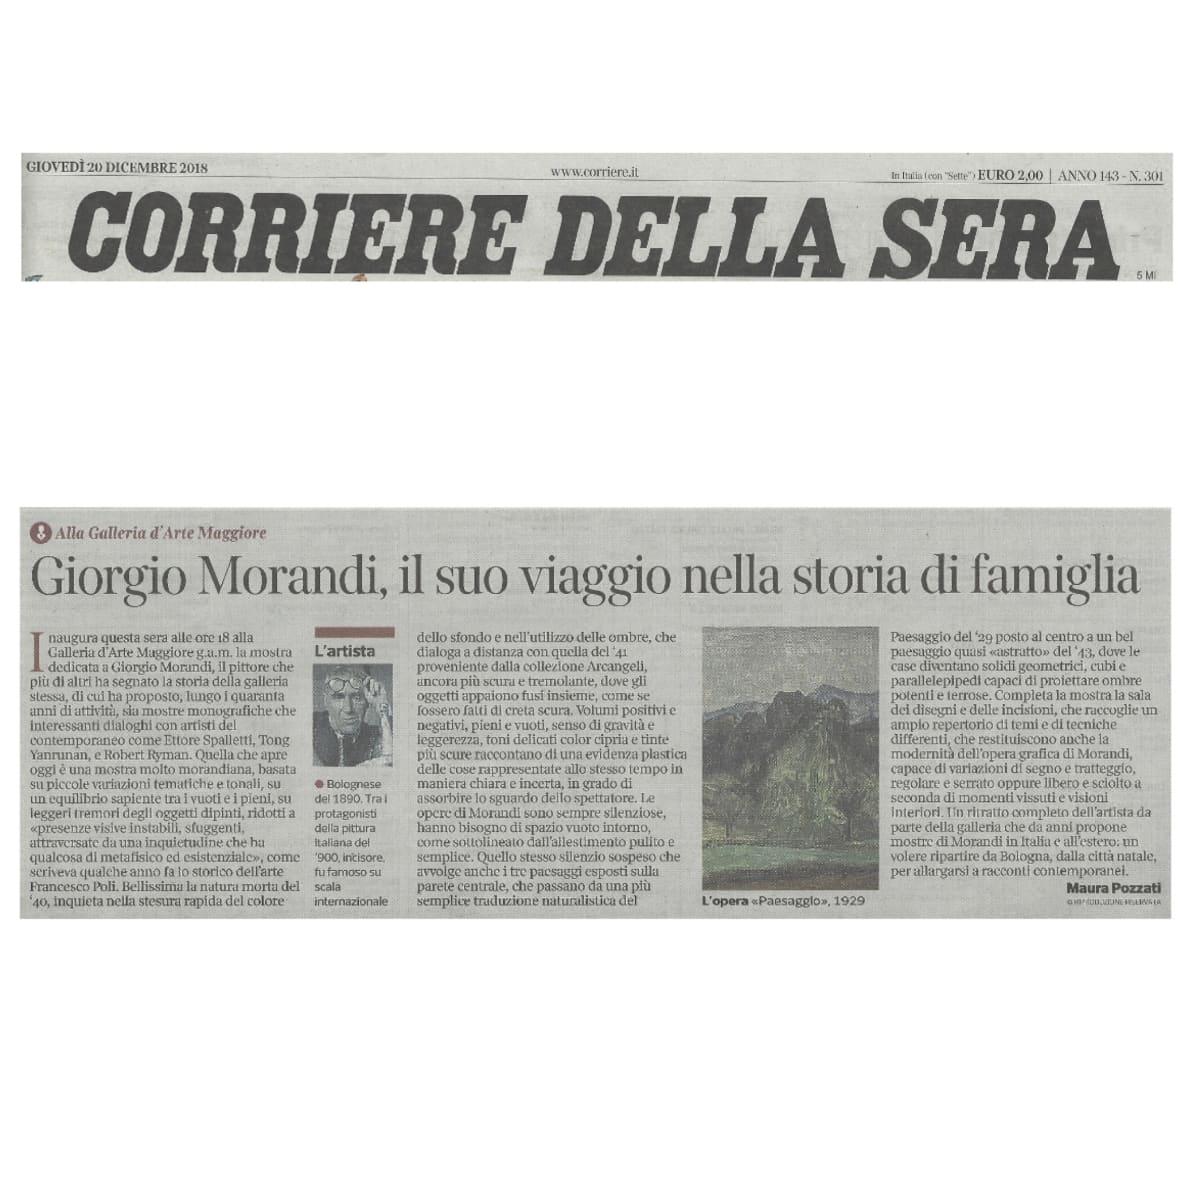 Giorgio Morandi, il suo viaggio nella storia di famiglia